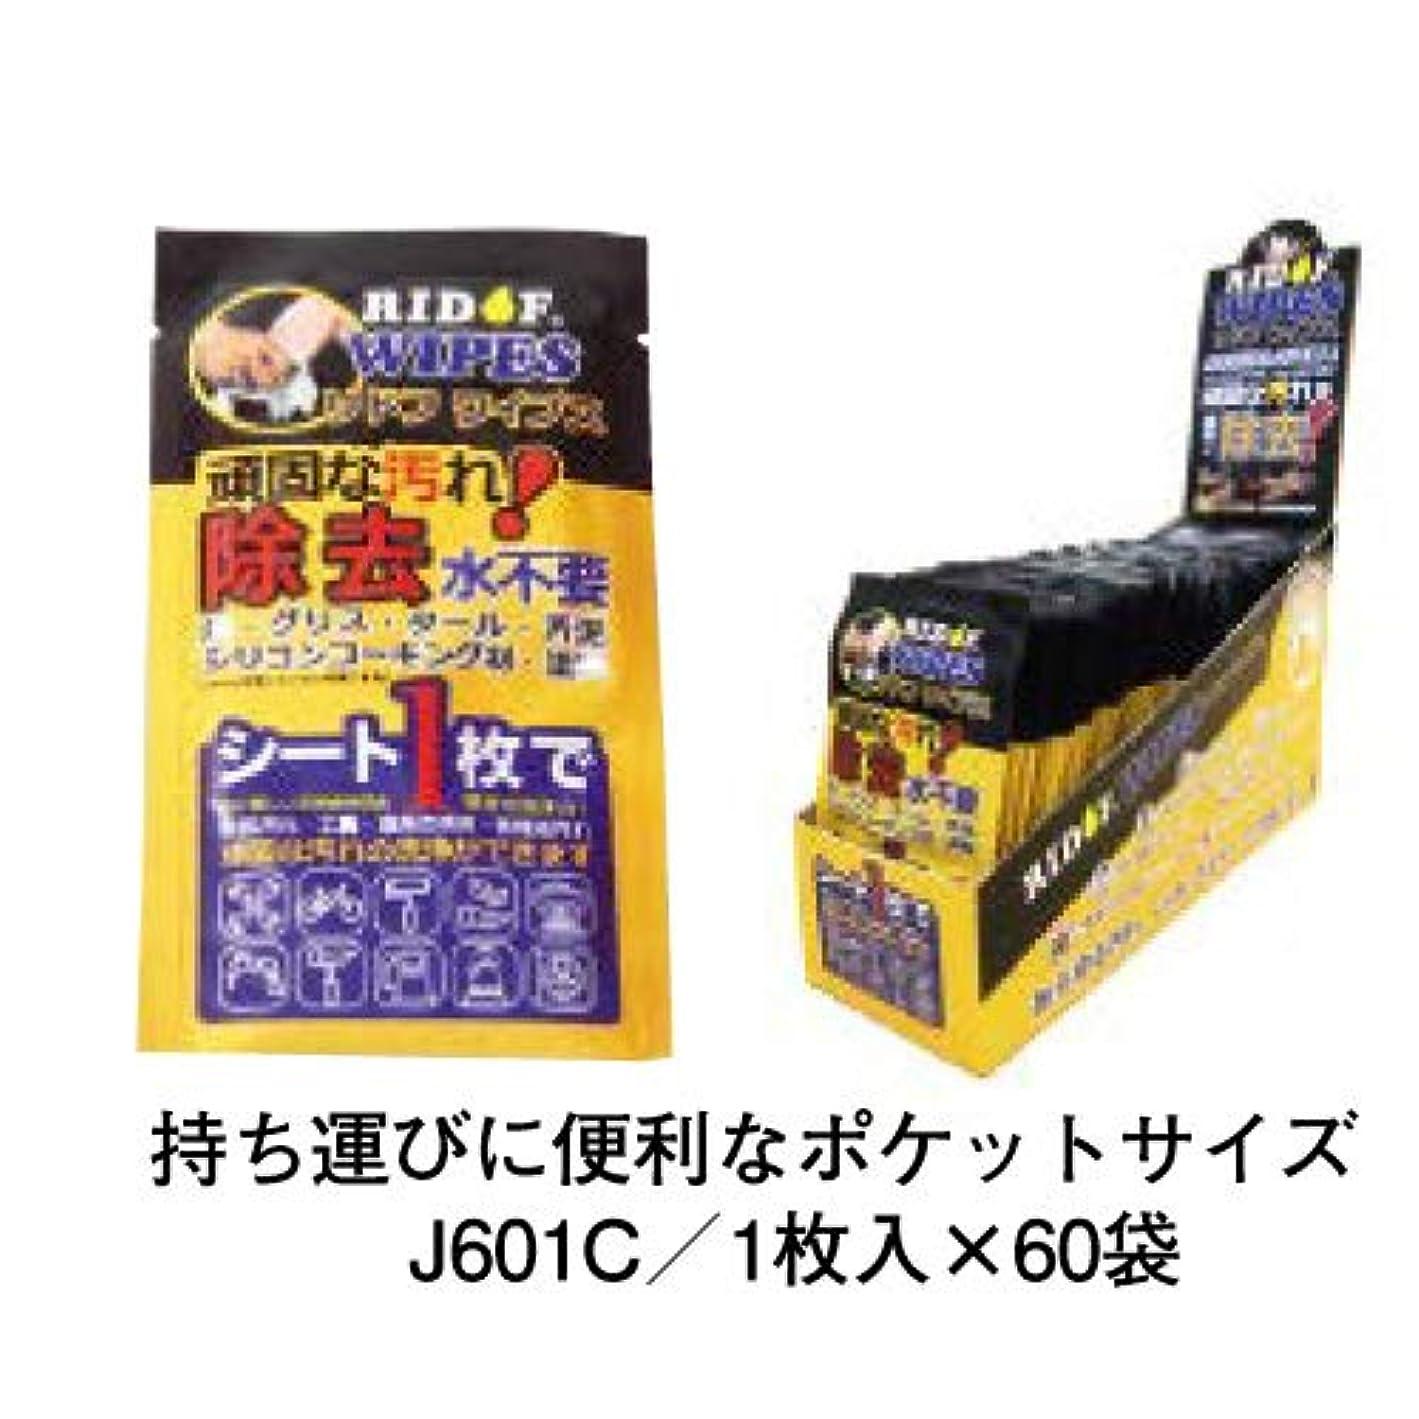 災害ビリーヤギ証明するリドフワイプス ポケットタイプ/1枚入×60袋 J601C